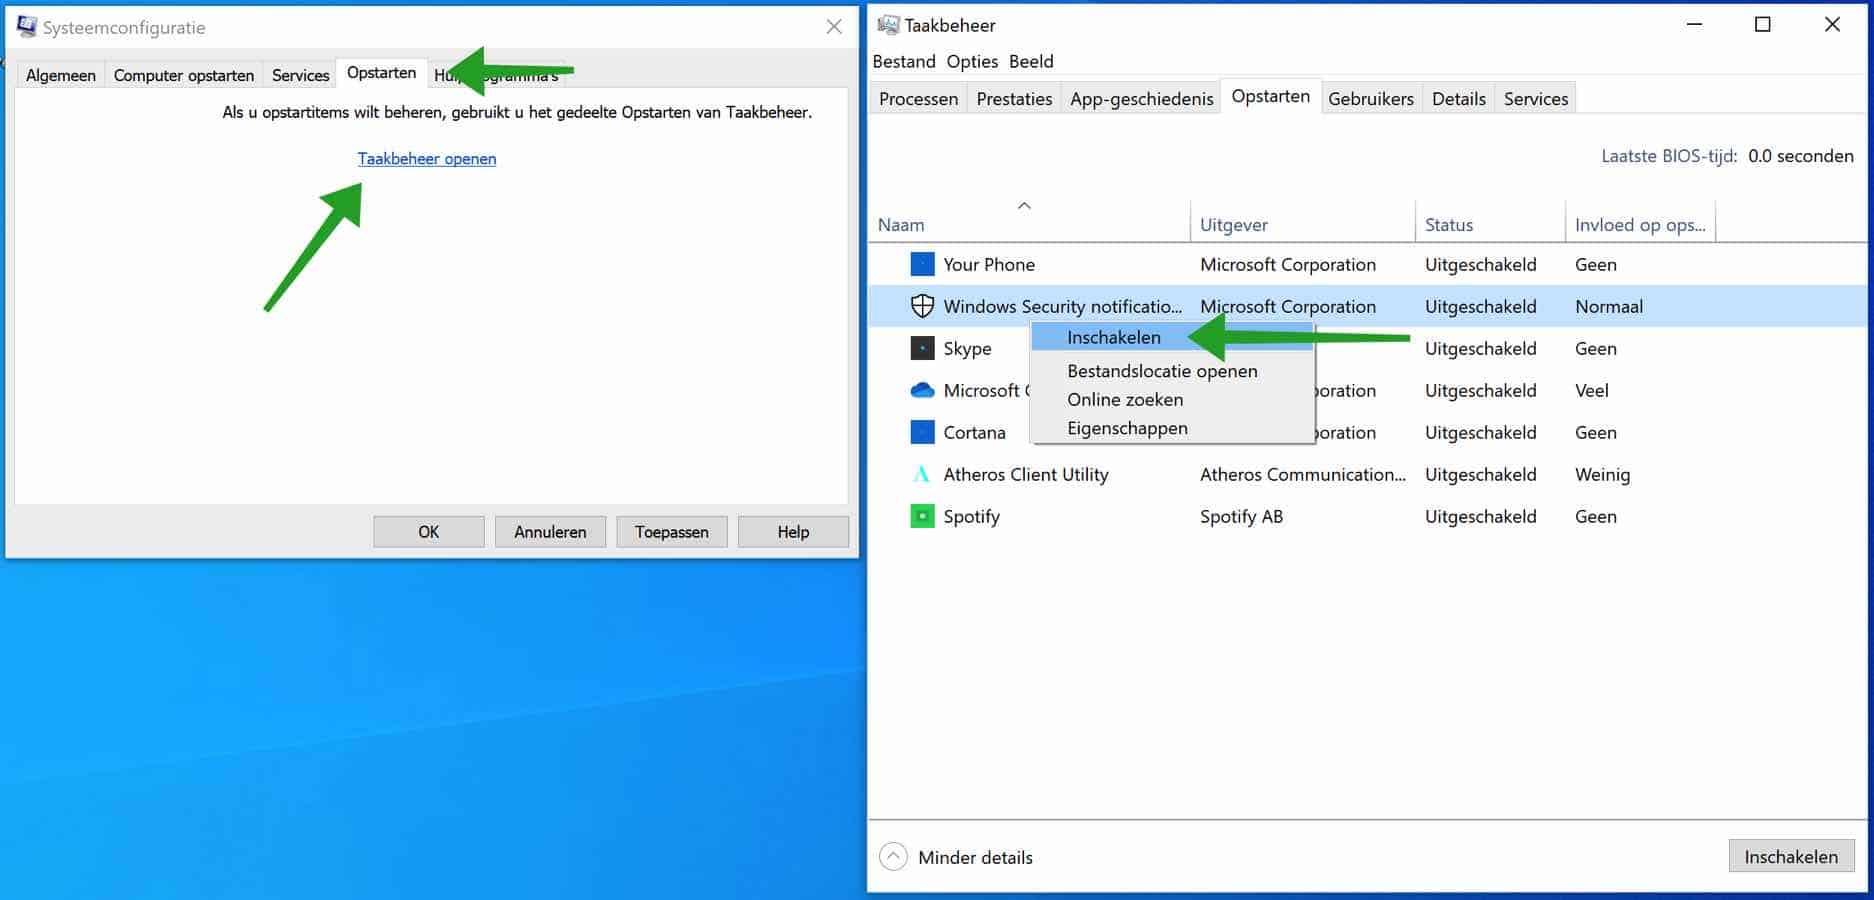 Alle opstart programmas inschakelen in Windows